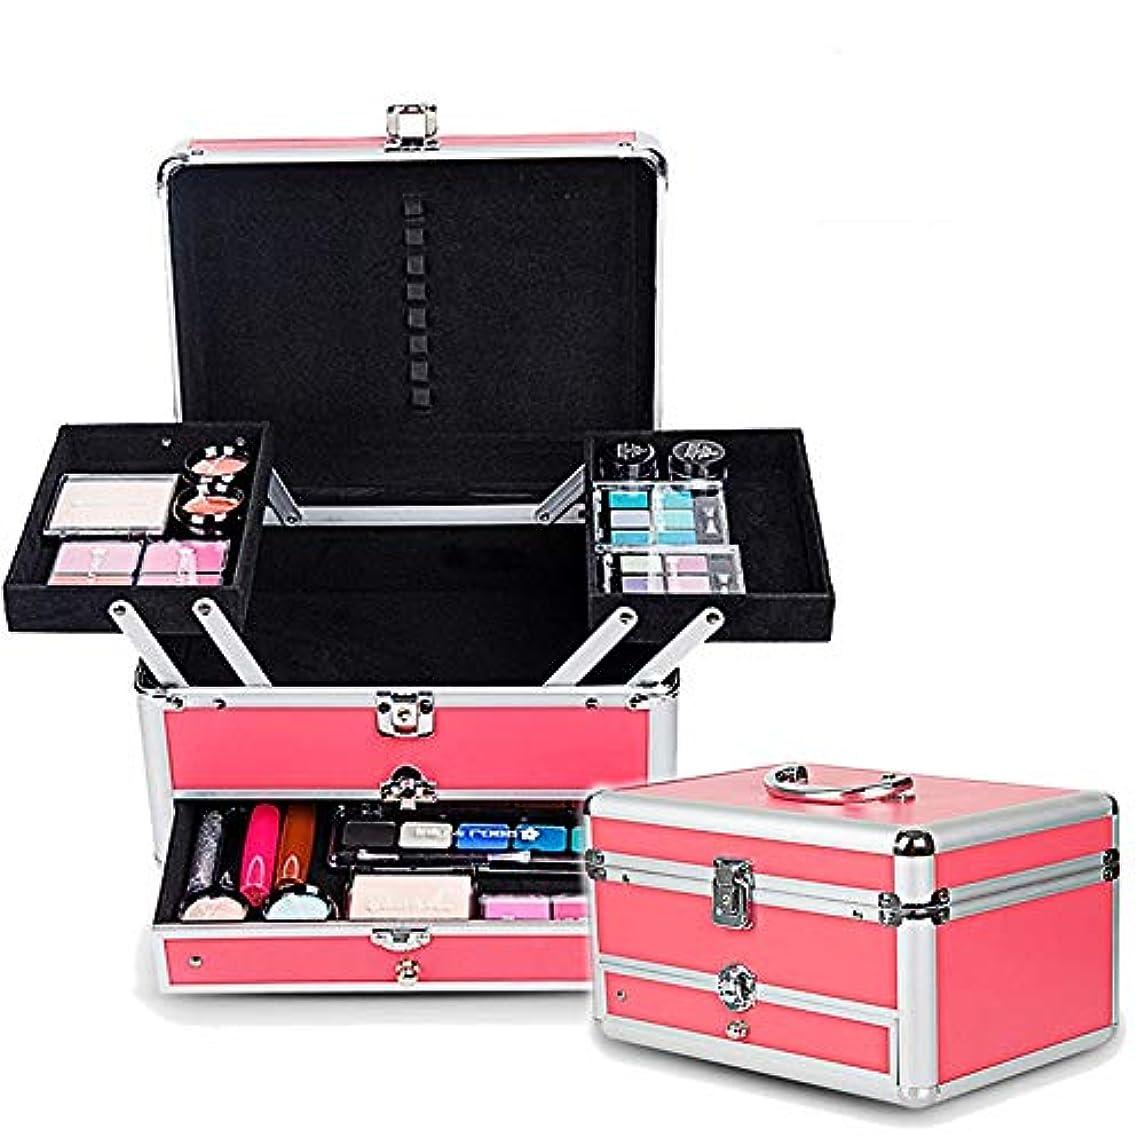 ソーシャル国民投票安心させる特大スペース収納ビューティーボックス 女の子の女性旅行のための新しく、実用的な携帯用化粧箱およびロックおよび皿が付いている毎日の貯蔵 化粧品化粧台 (色 : ピンク)